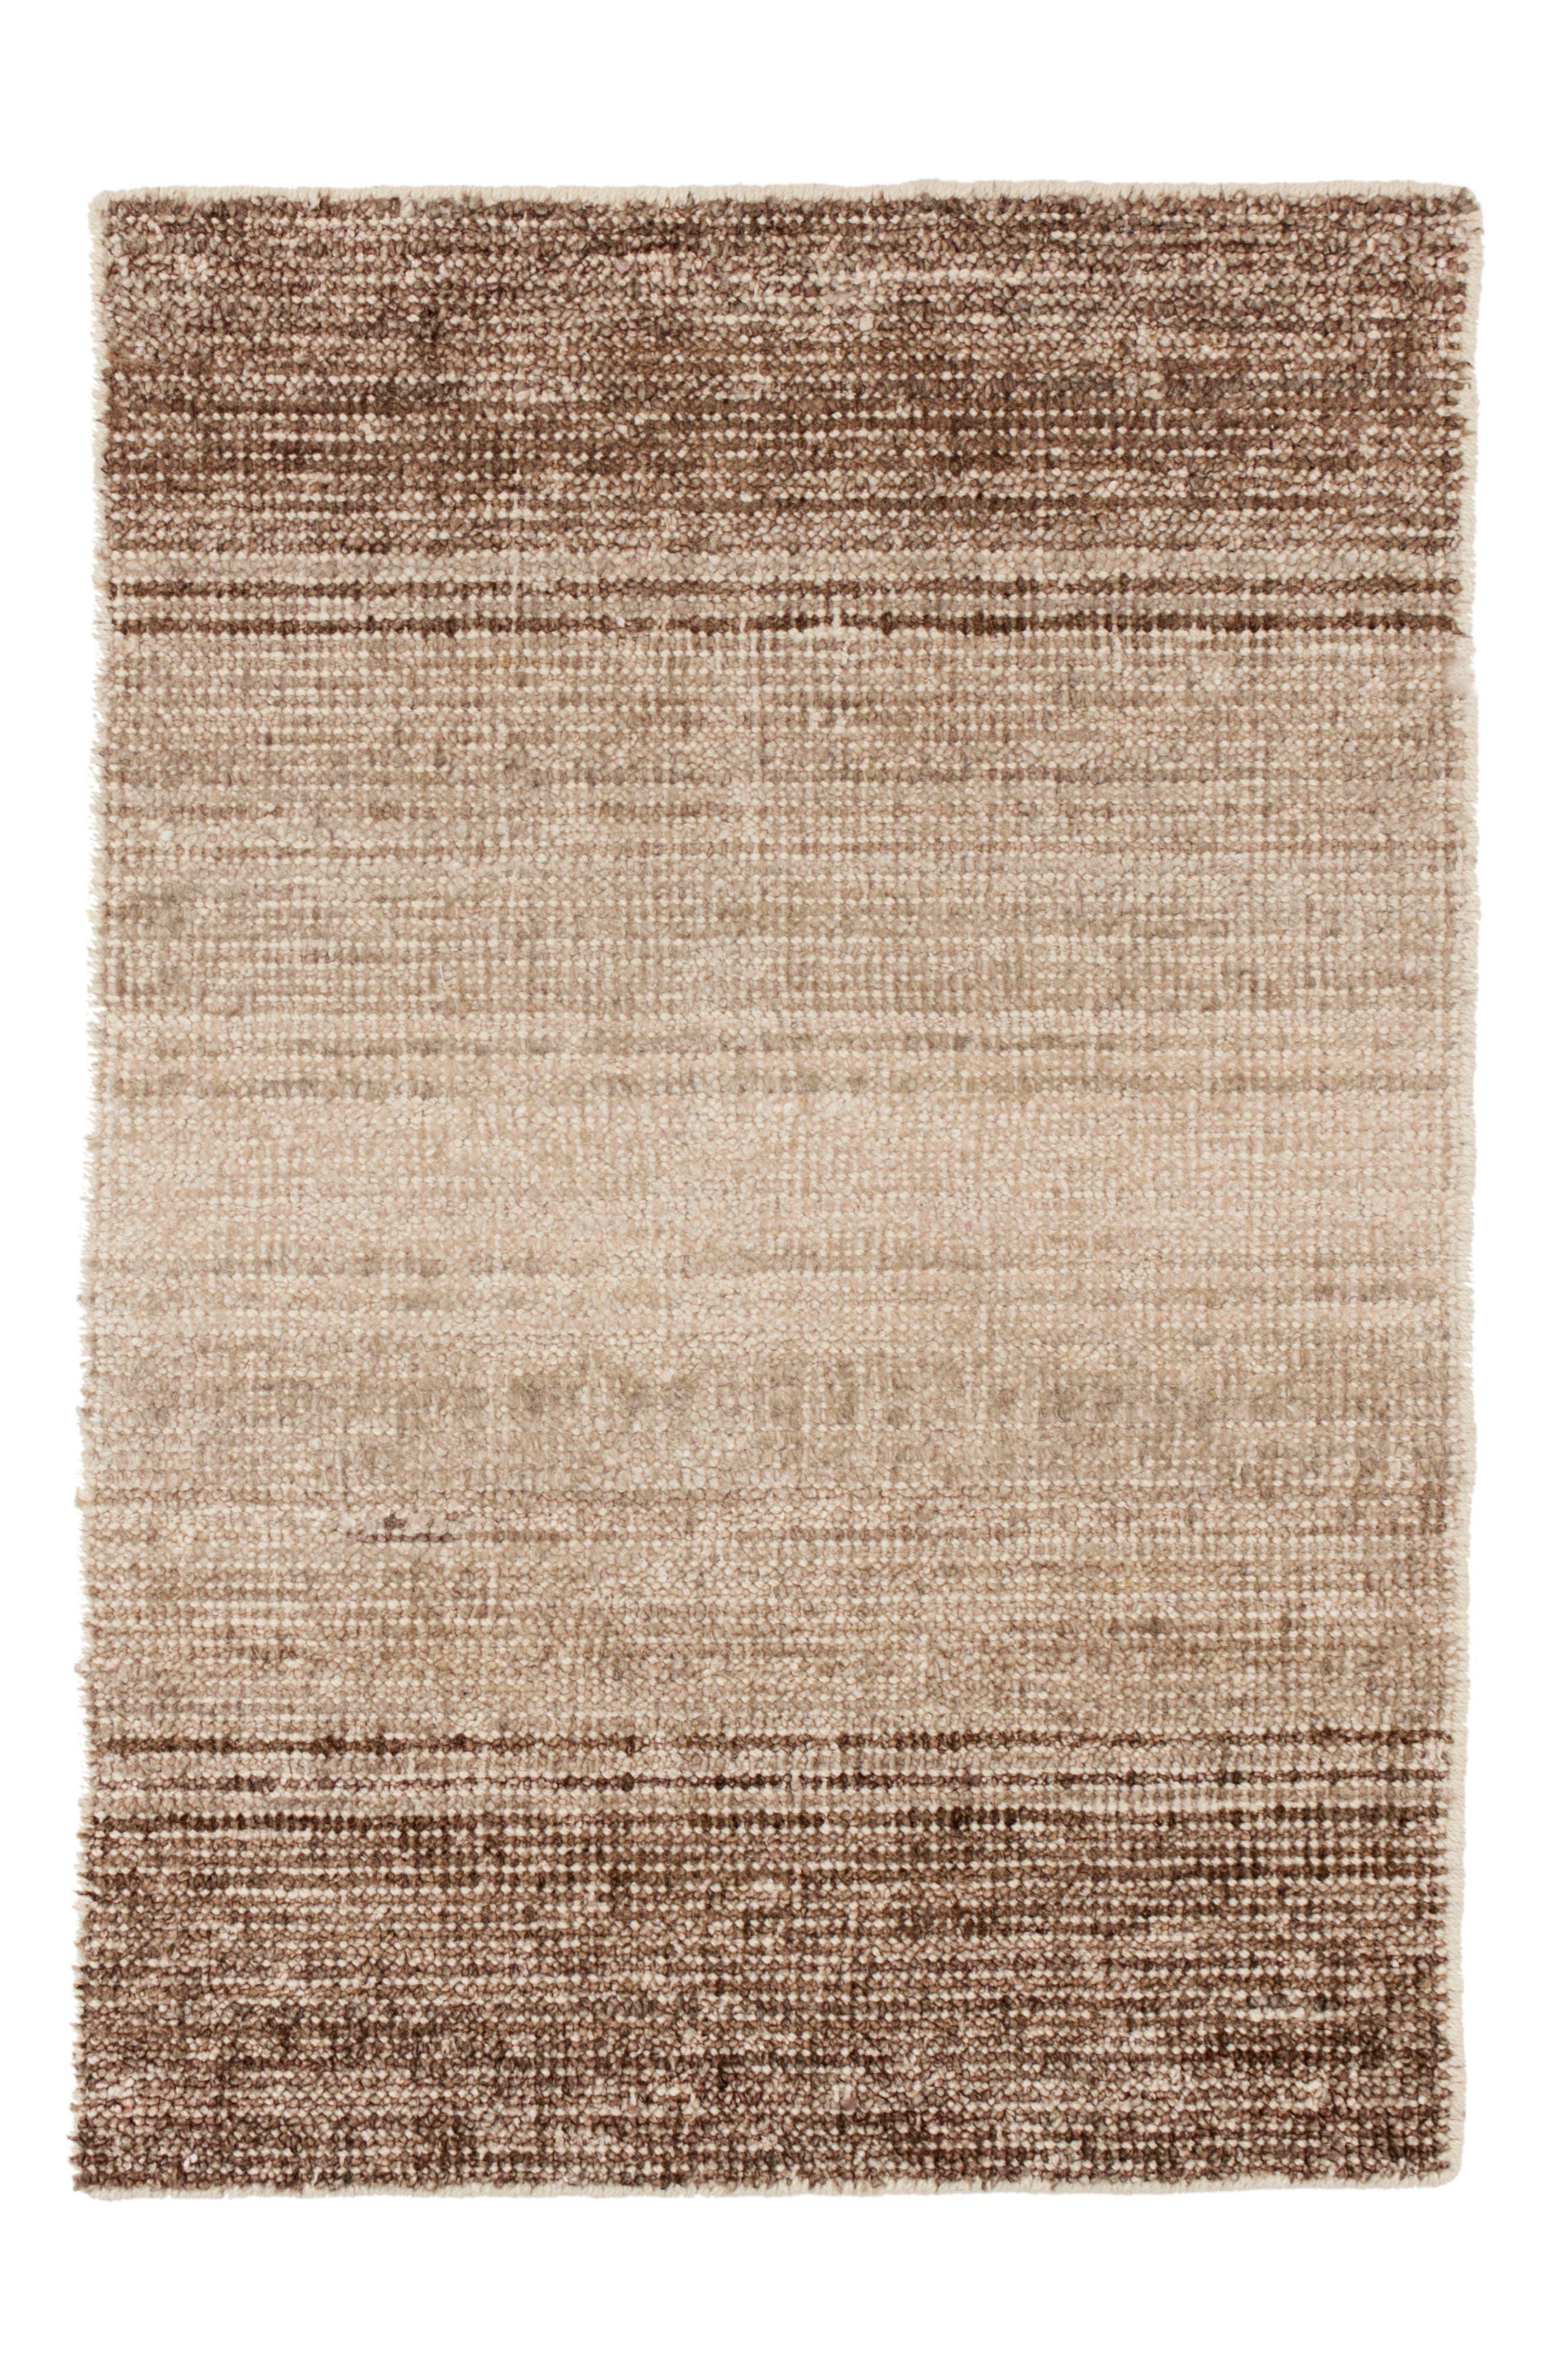 Sand Moon Rug,                         Main,                         color, NATURAL